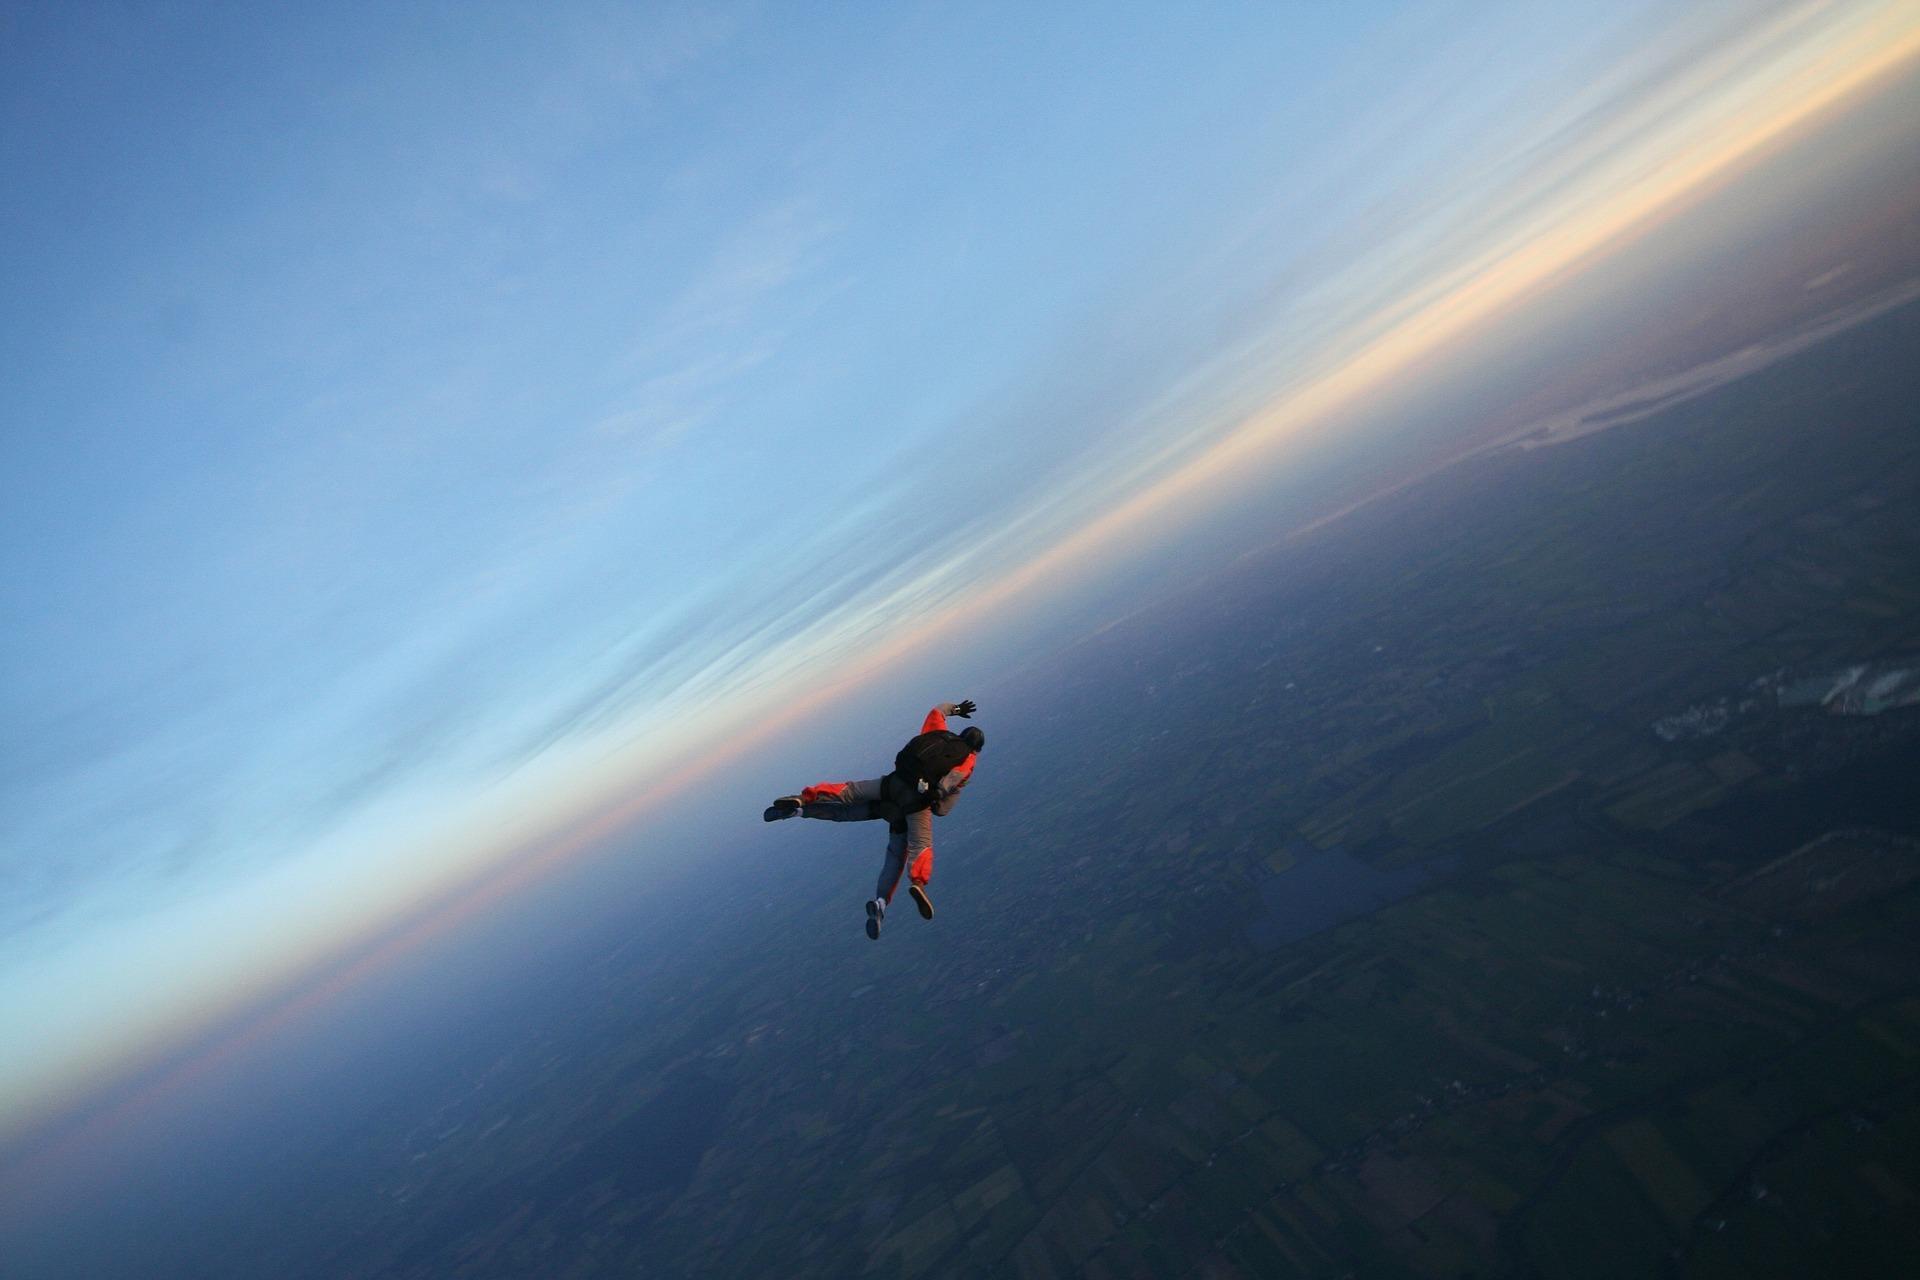 Wer es einmal macht will es wieder machen: Fallschirm springen.